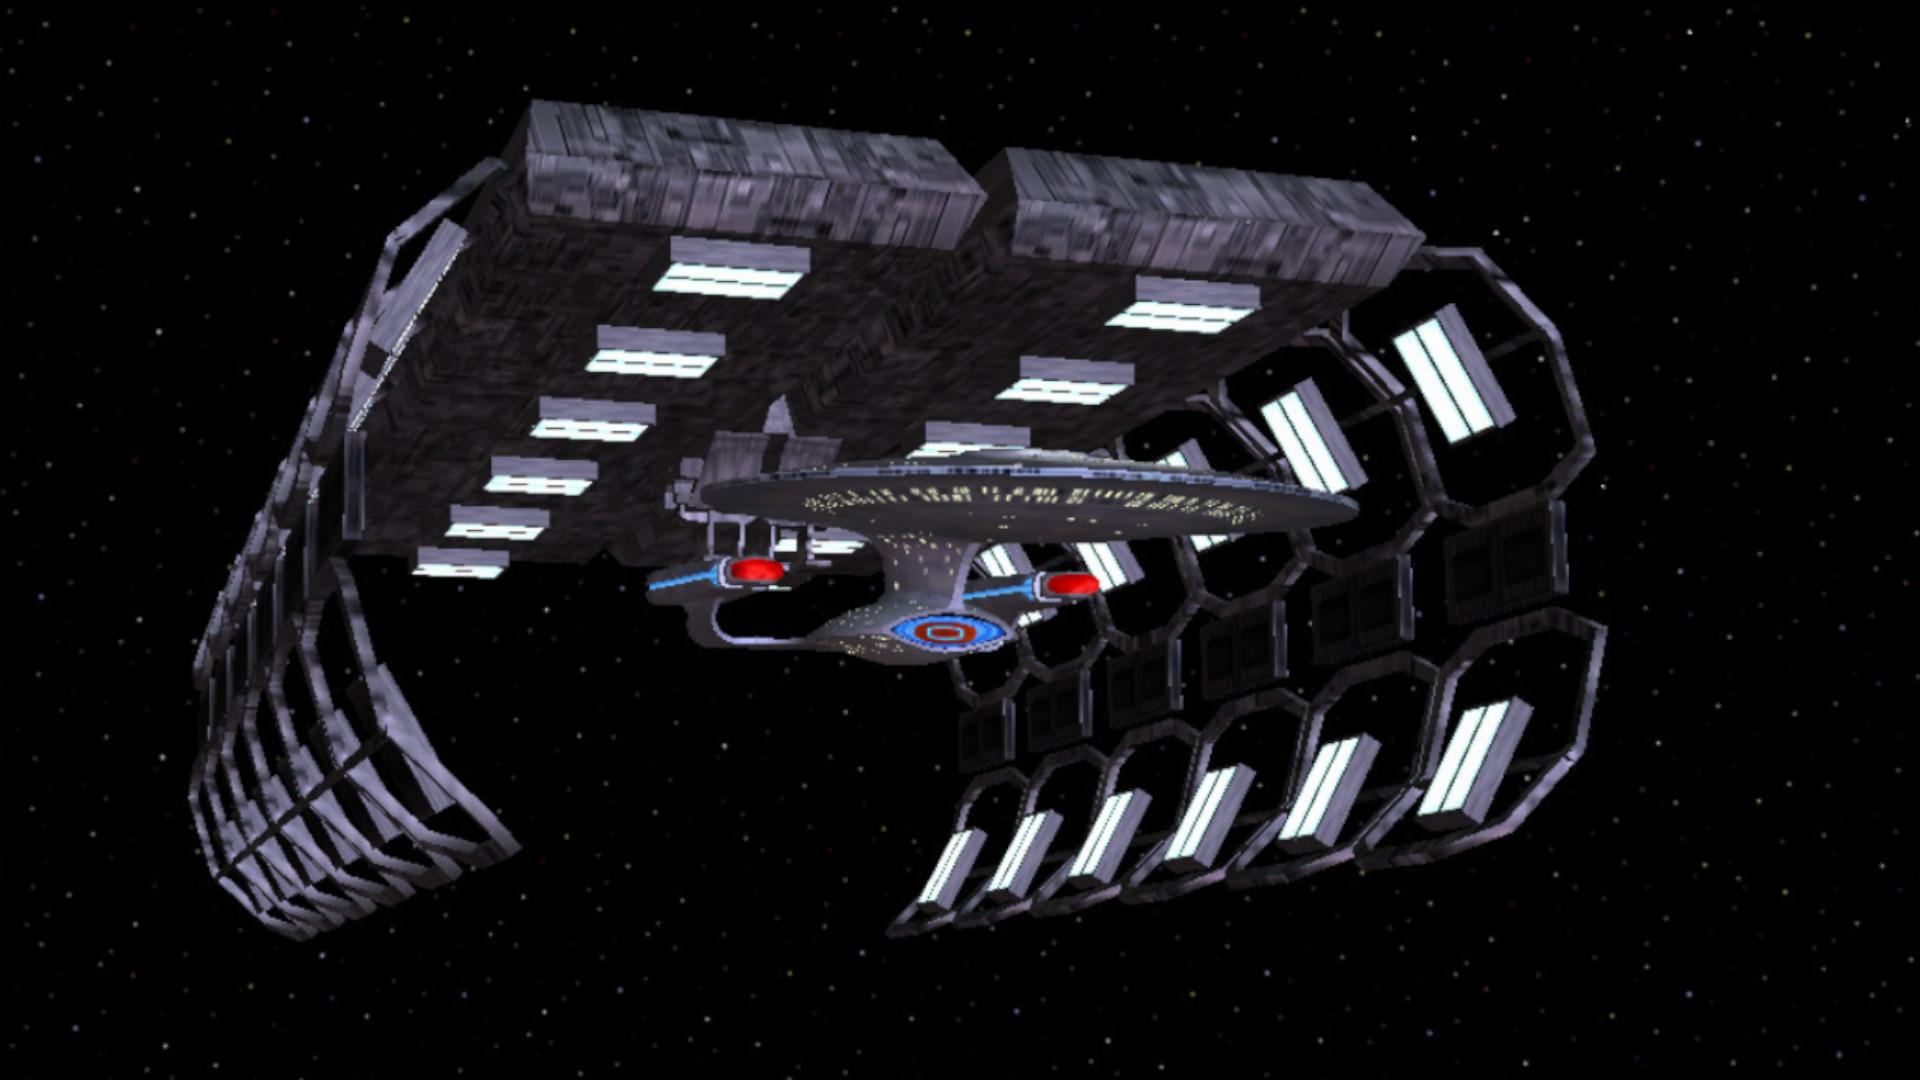 Retro Star Trek games return for modern PCs, including working multiplayer